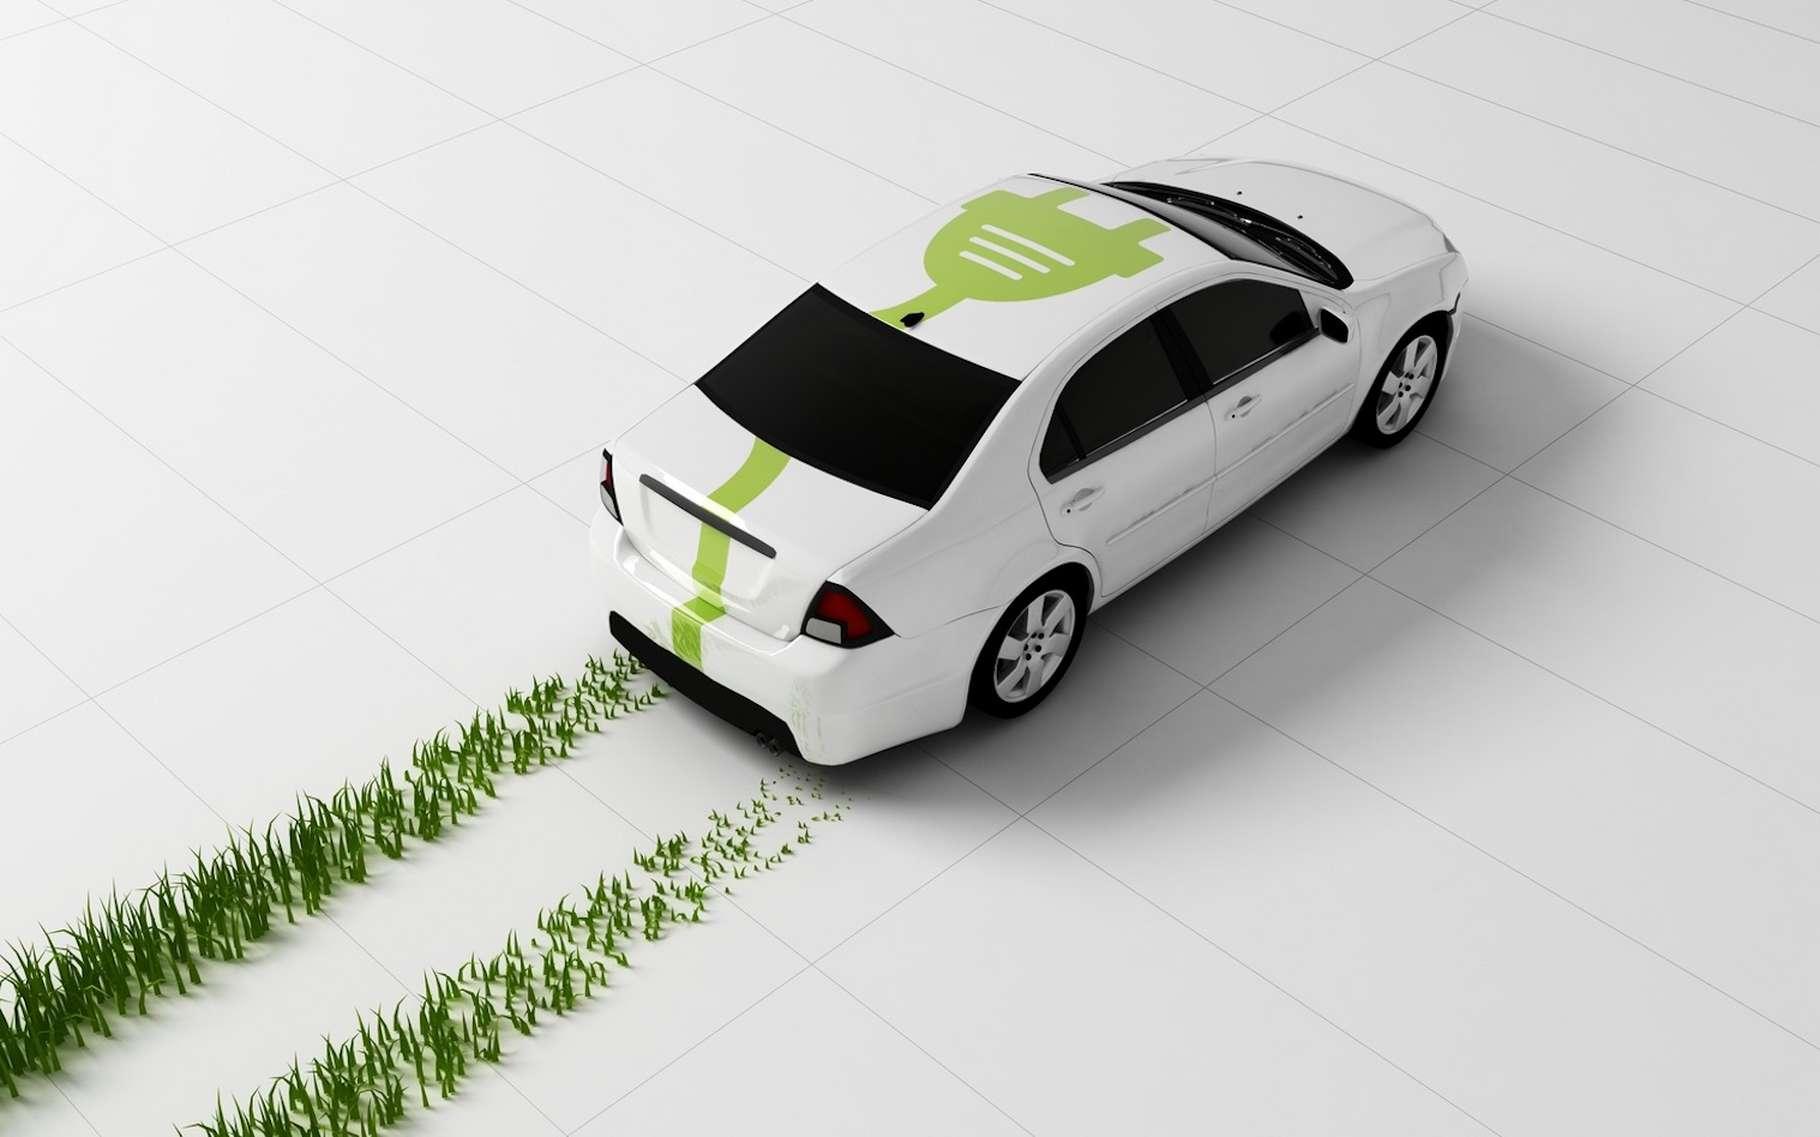 Marché de l'automobile : les nouvelles mesures plus écologiques